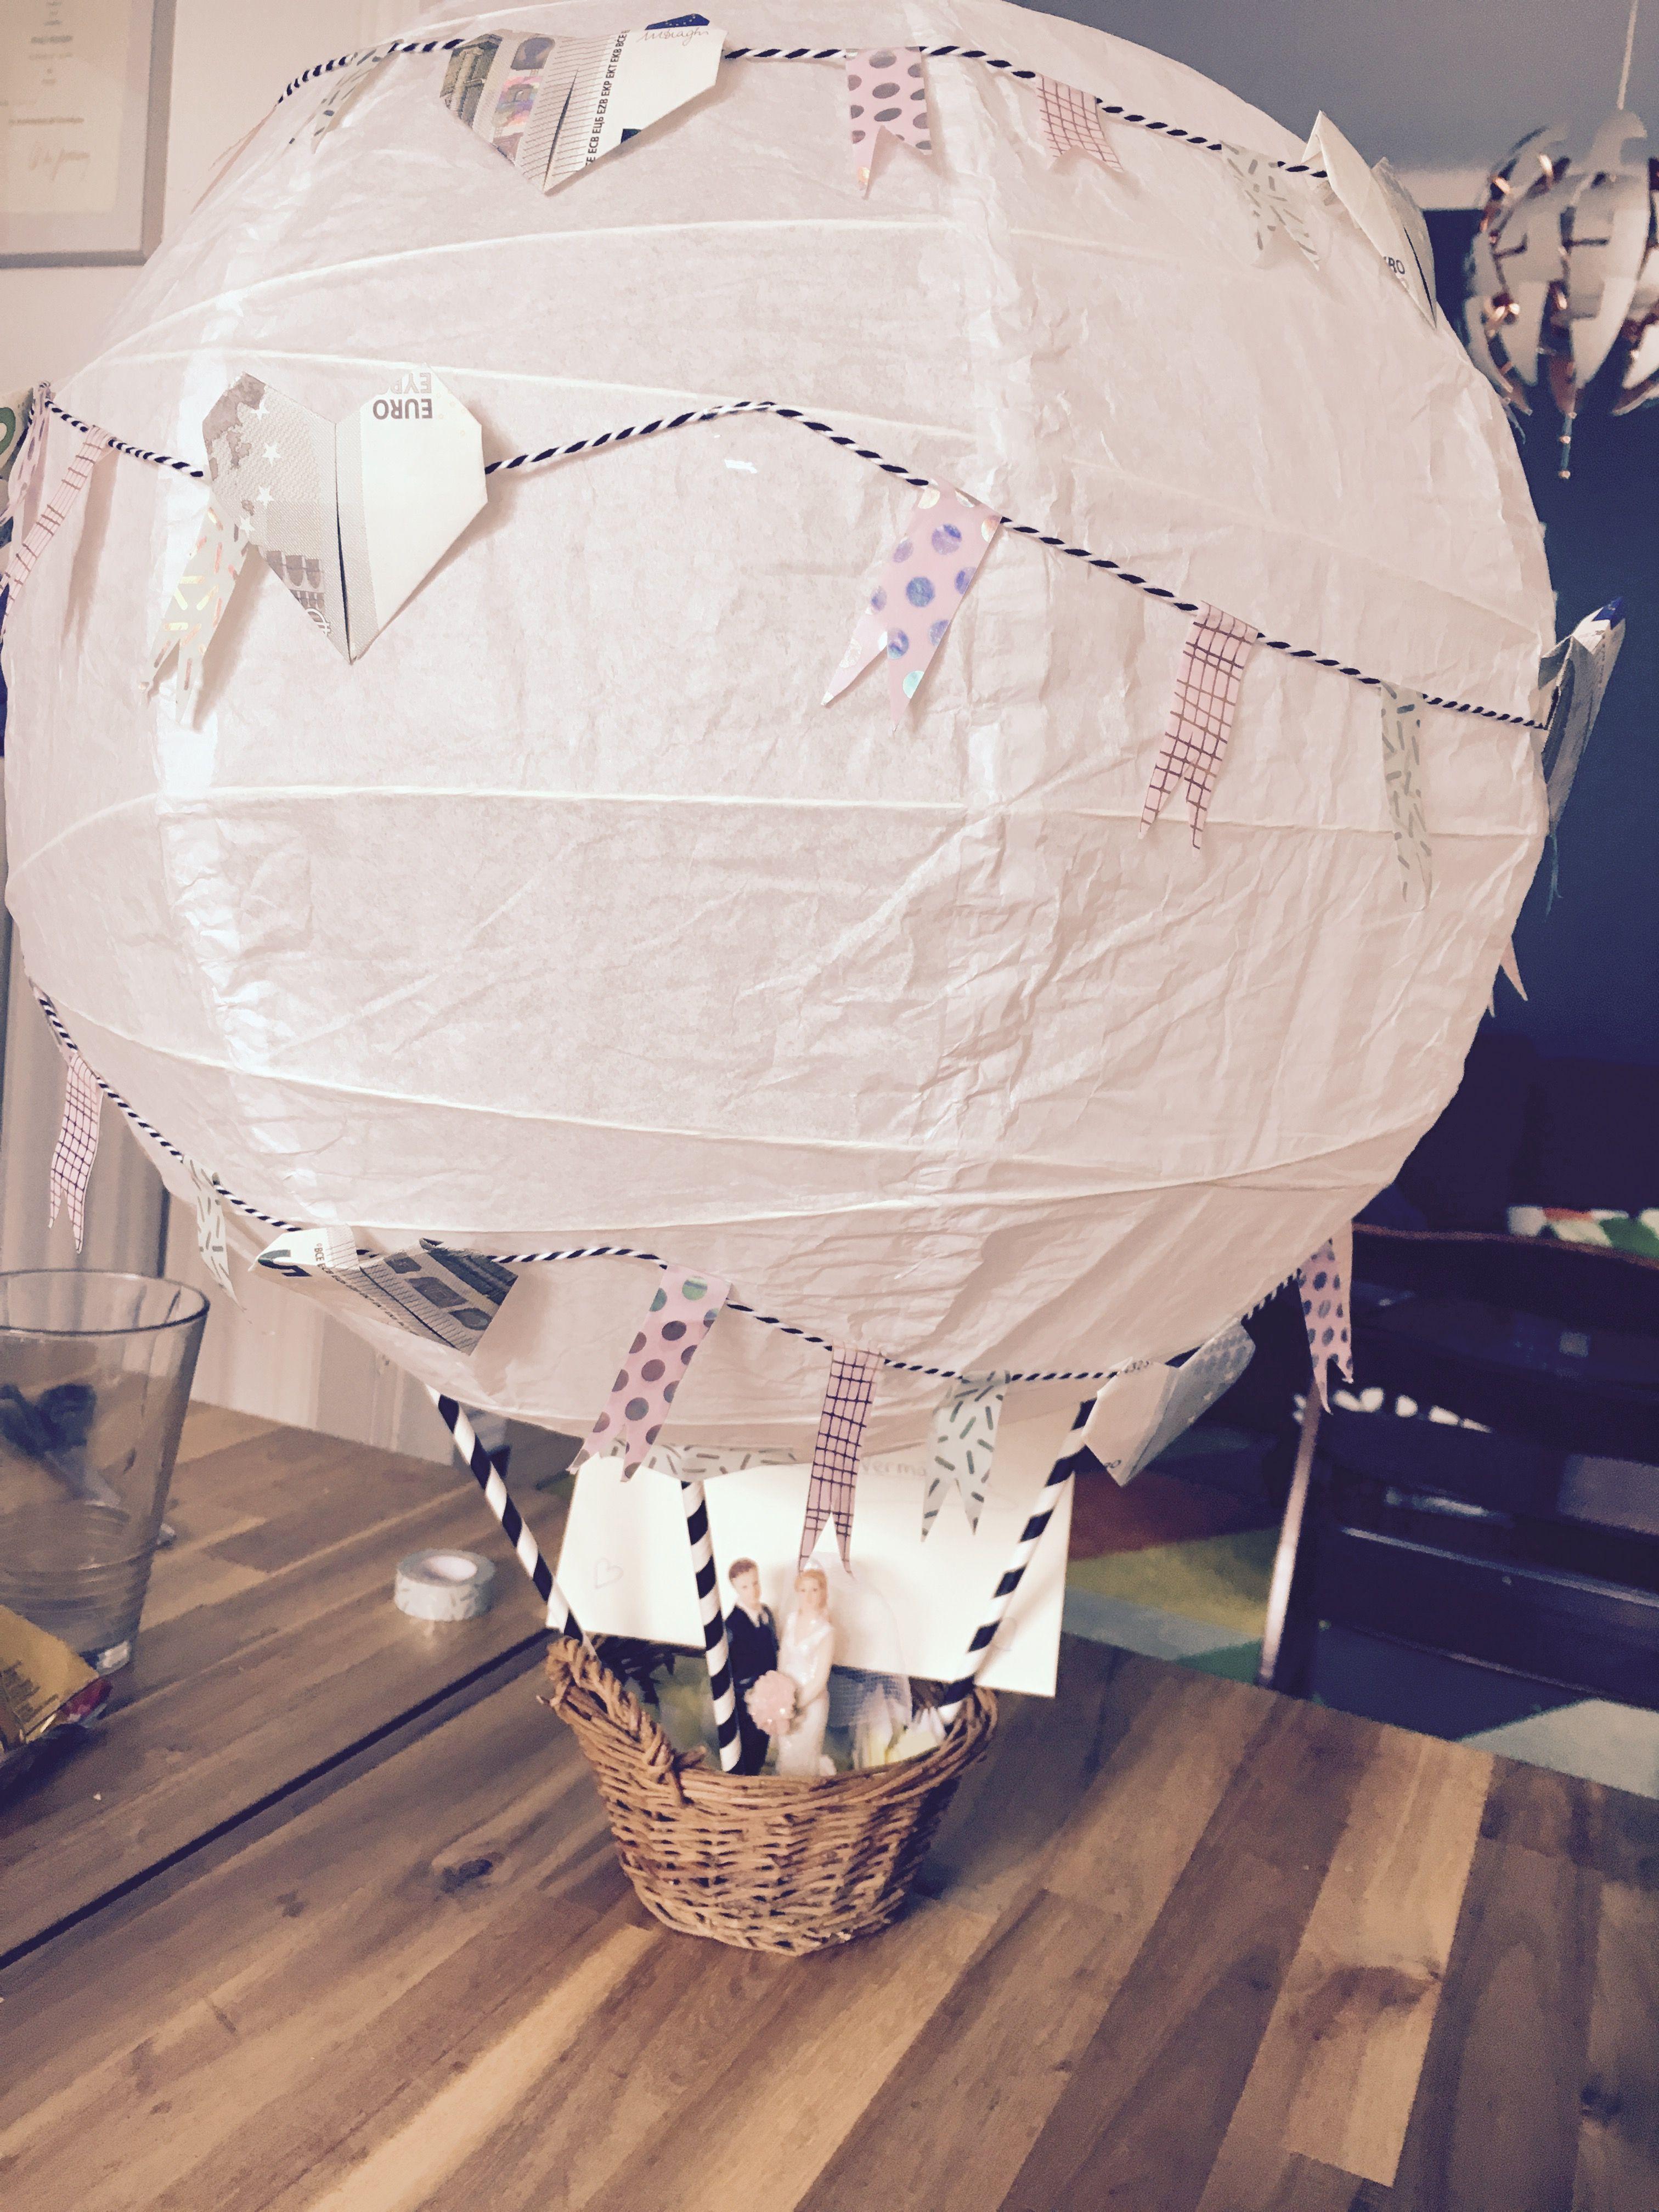 Hochzeitsgeschenk Heissluftballon Hochzeitsgeschenk